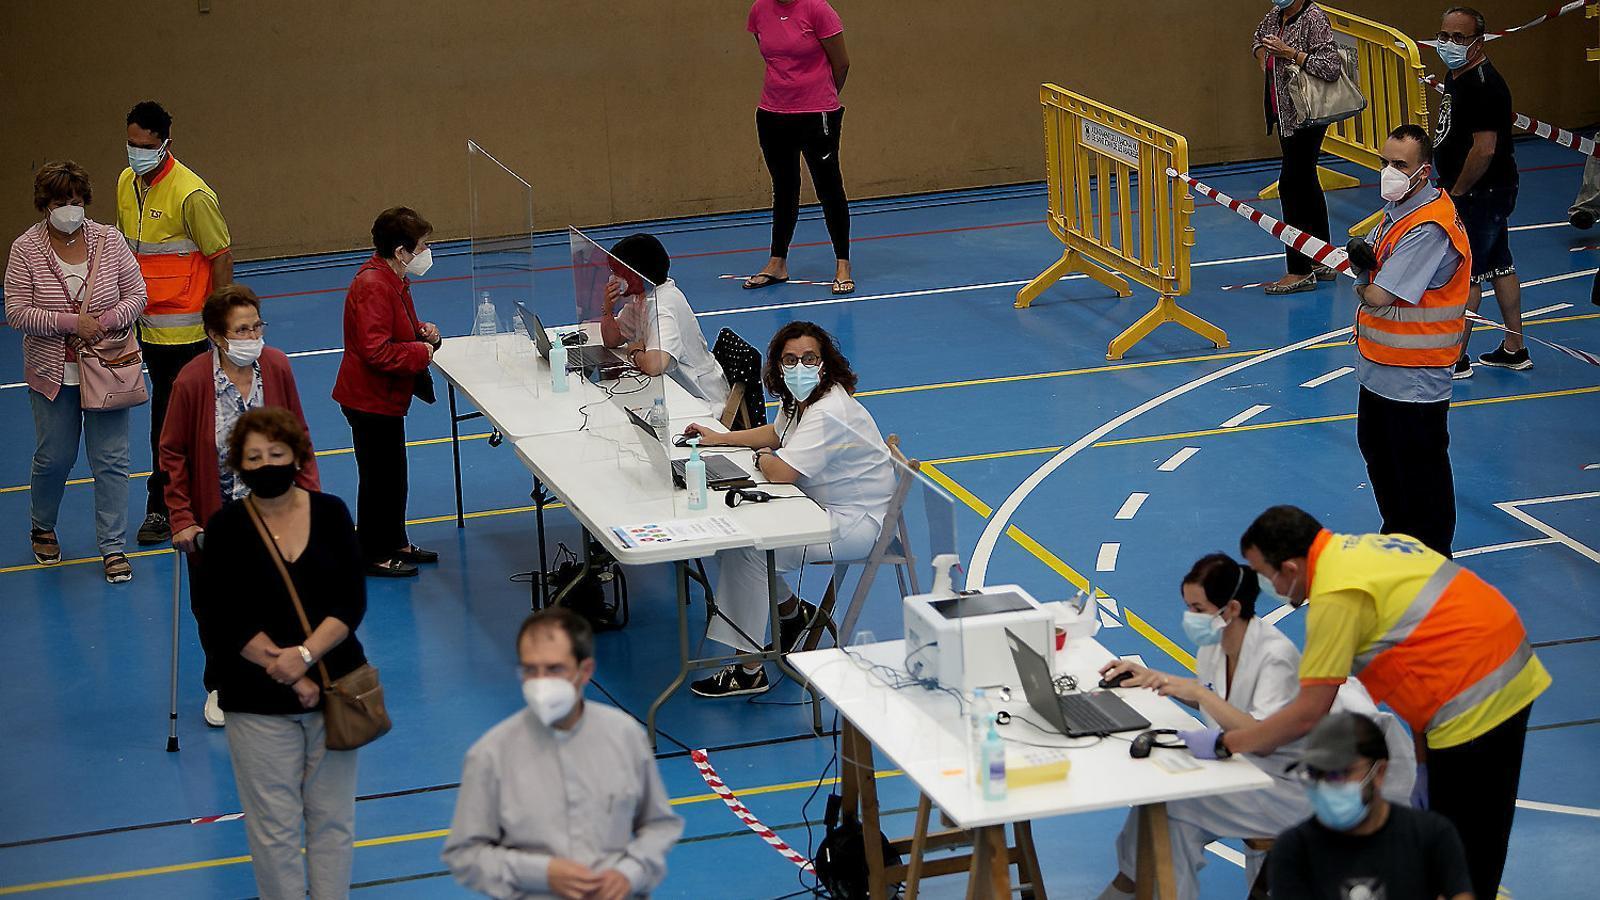 Diverses persones esperant el seu torn per fer-se una prova PCR a Sant Joan de les Abadesses.